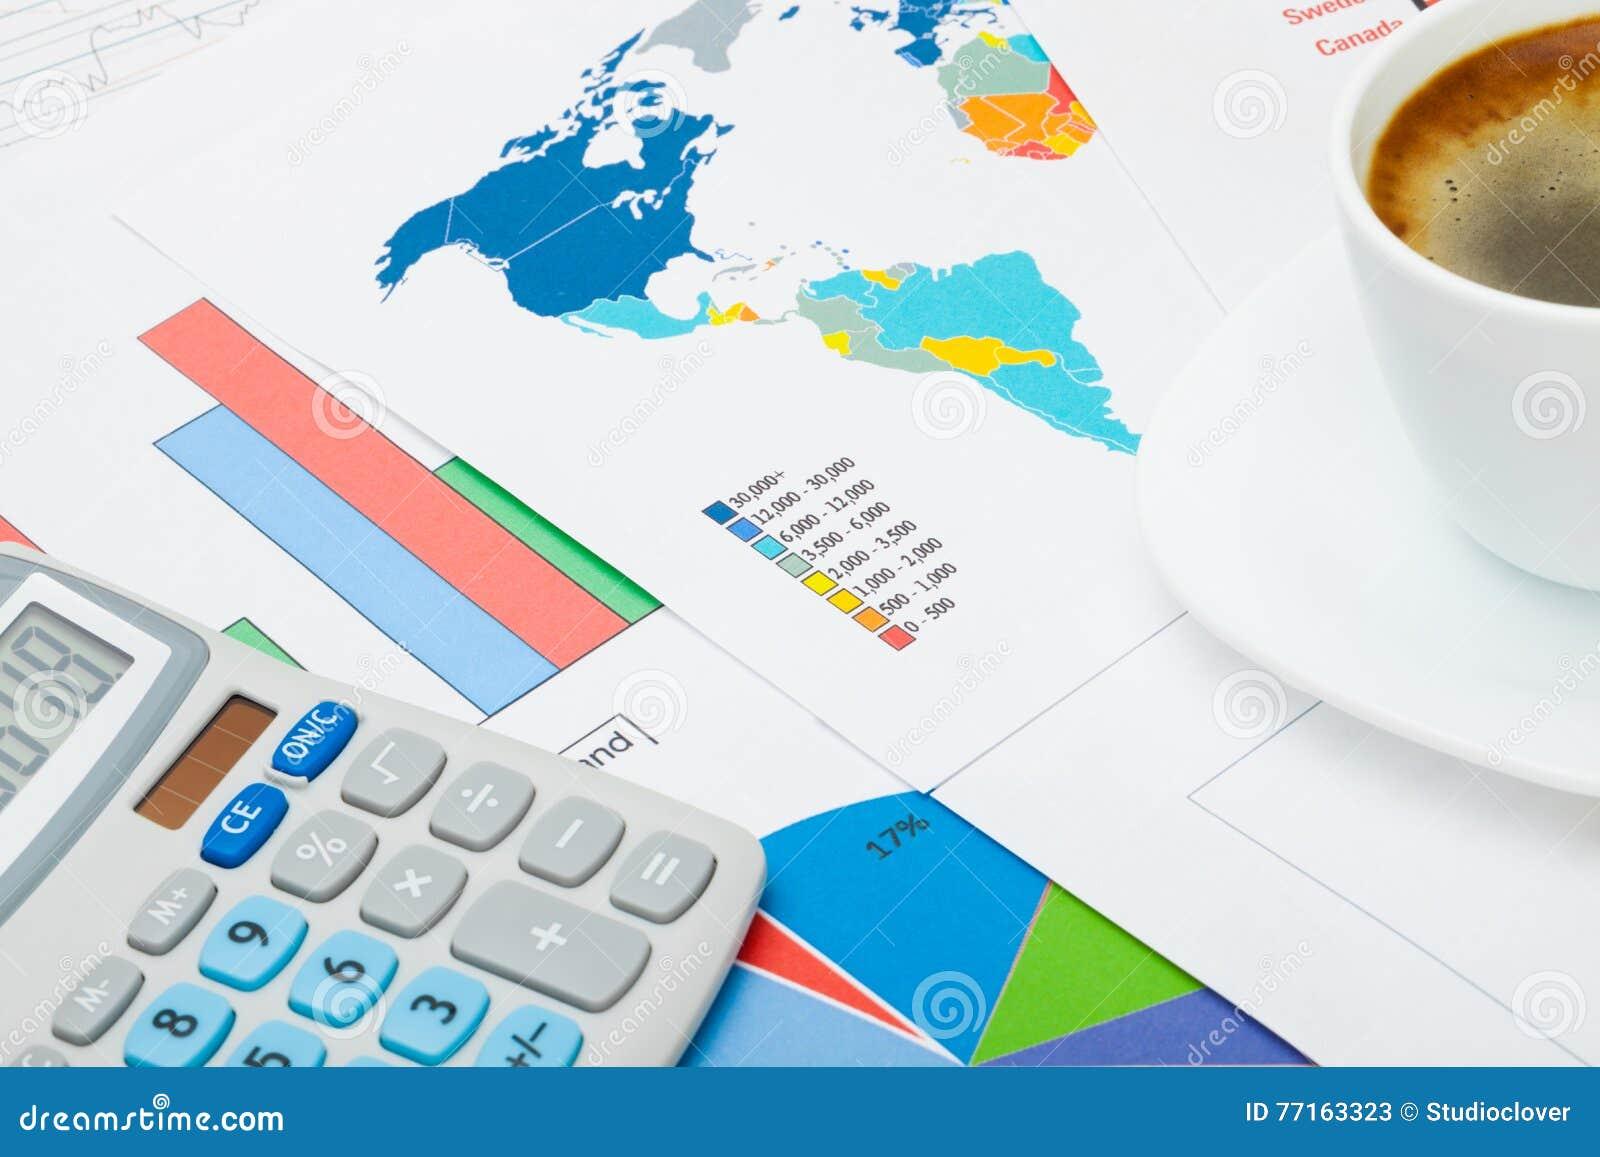 Tasse de café avec la calculatrice au-dessus de la carte du monde et de quelques diagrammes